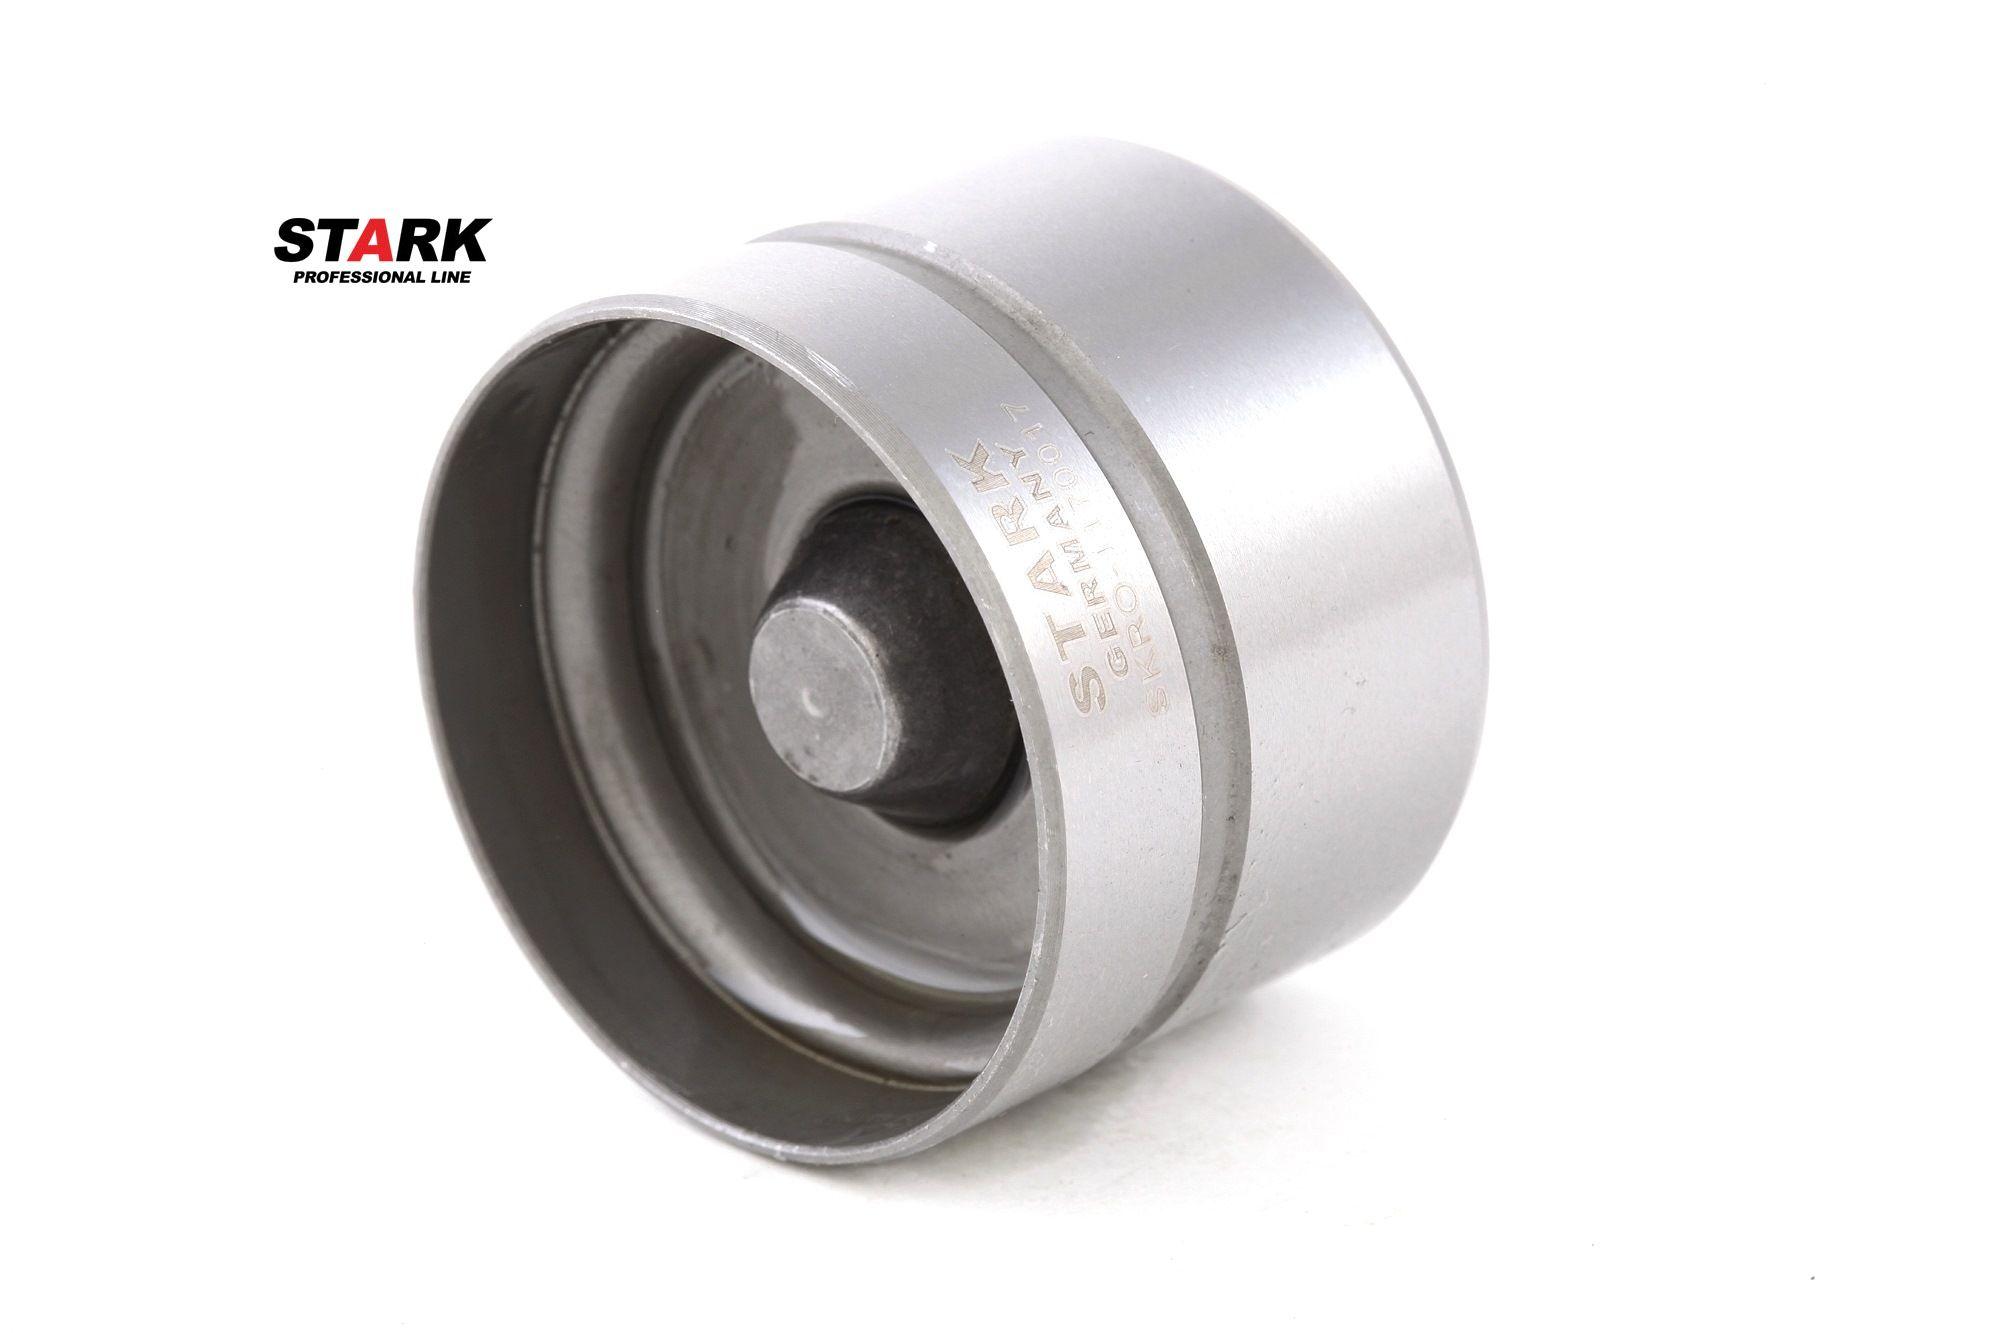 Повдигач на клапан SKRO-1170017 с добро STARK съотношение цена-качество